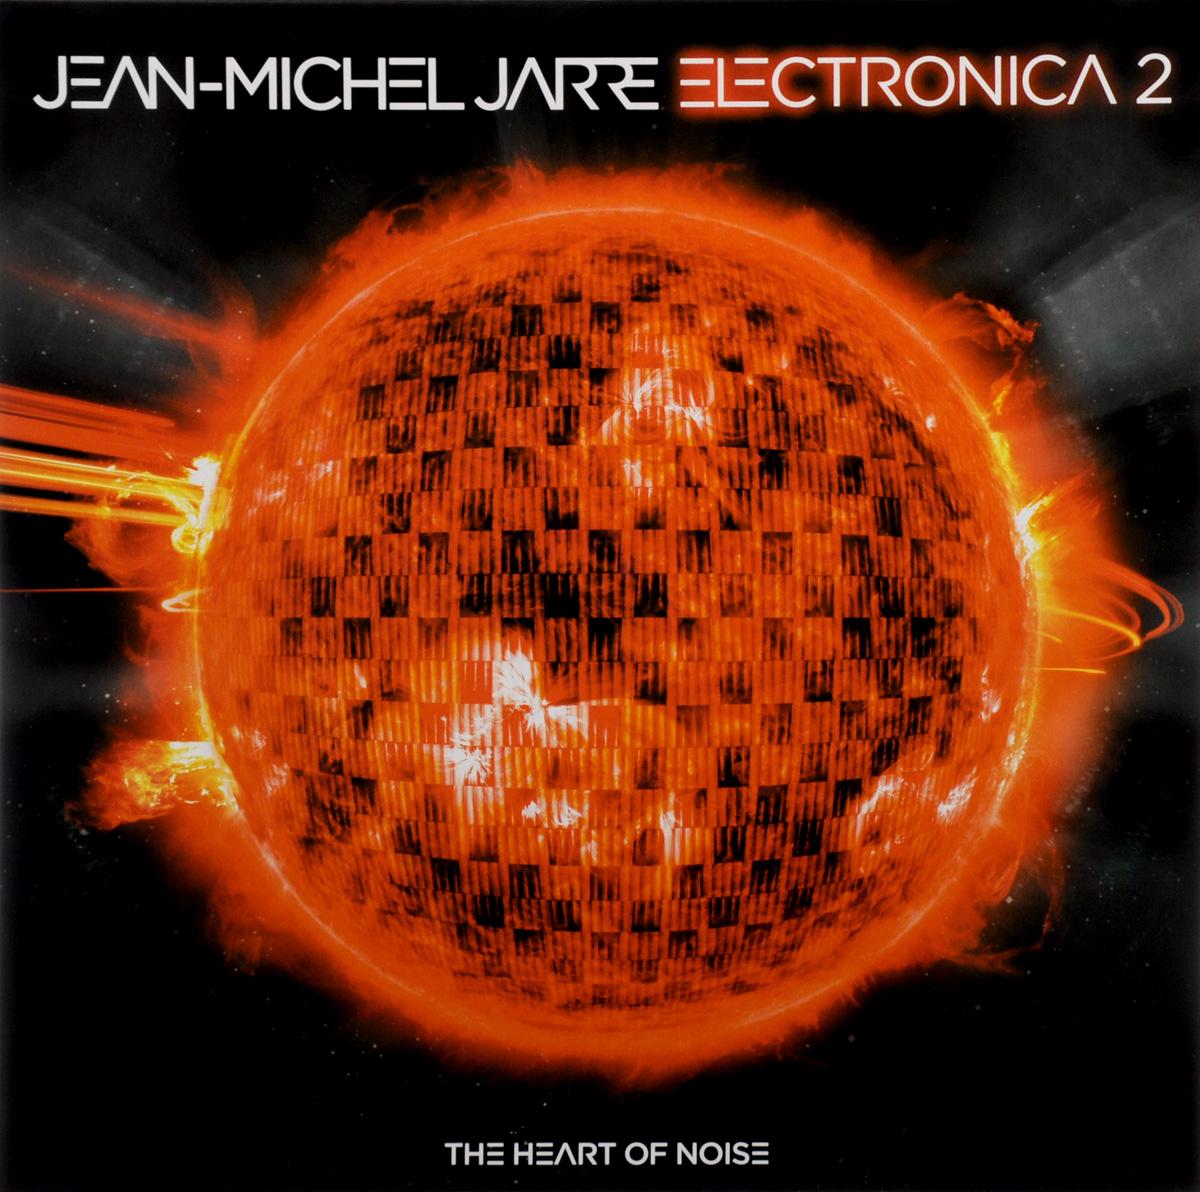 Жан-Мишель Жарр Jean-Michel Jarre. Electronica 2 - The Heart Of Noise (2 LP) jean michel jarre electronica 1 the time machine 2 lp